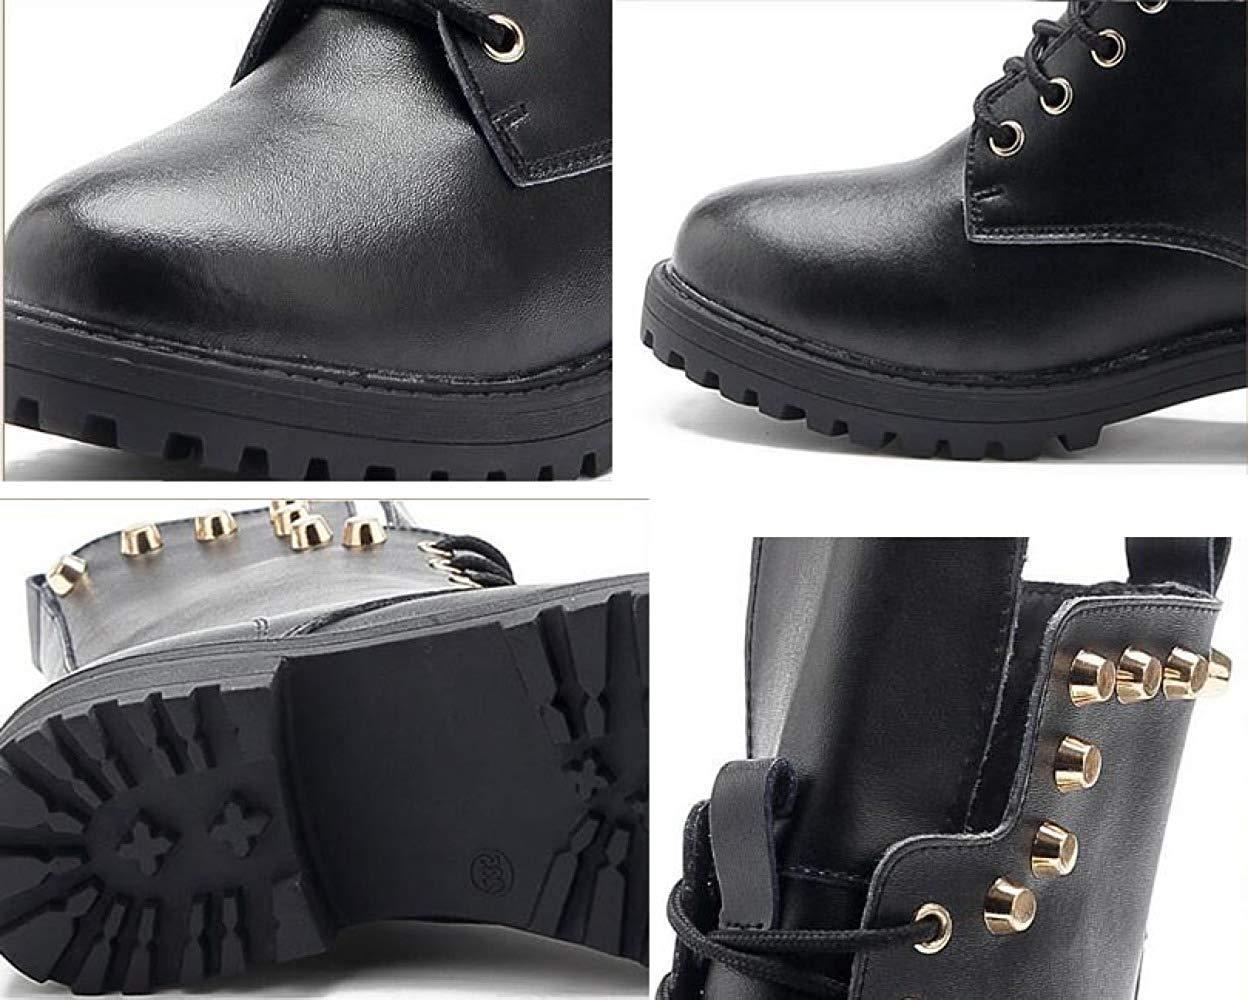 Qiusa Herbst Und Winter Leder Mode Martin Martin Martin Stiefel Warme Schuhe (Farbe   4 Größe   38EU) 738fc4